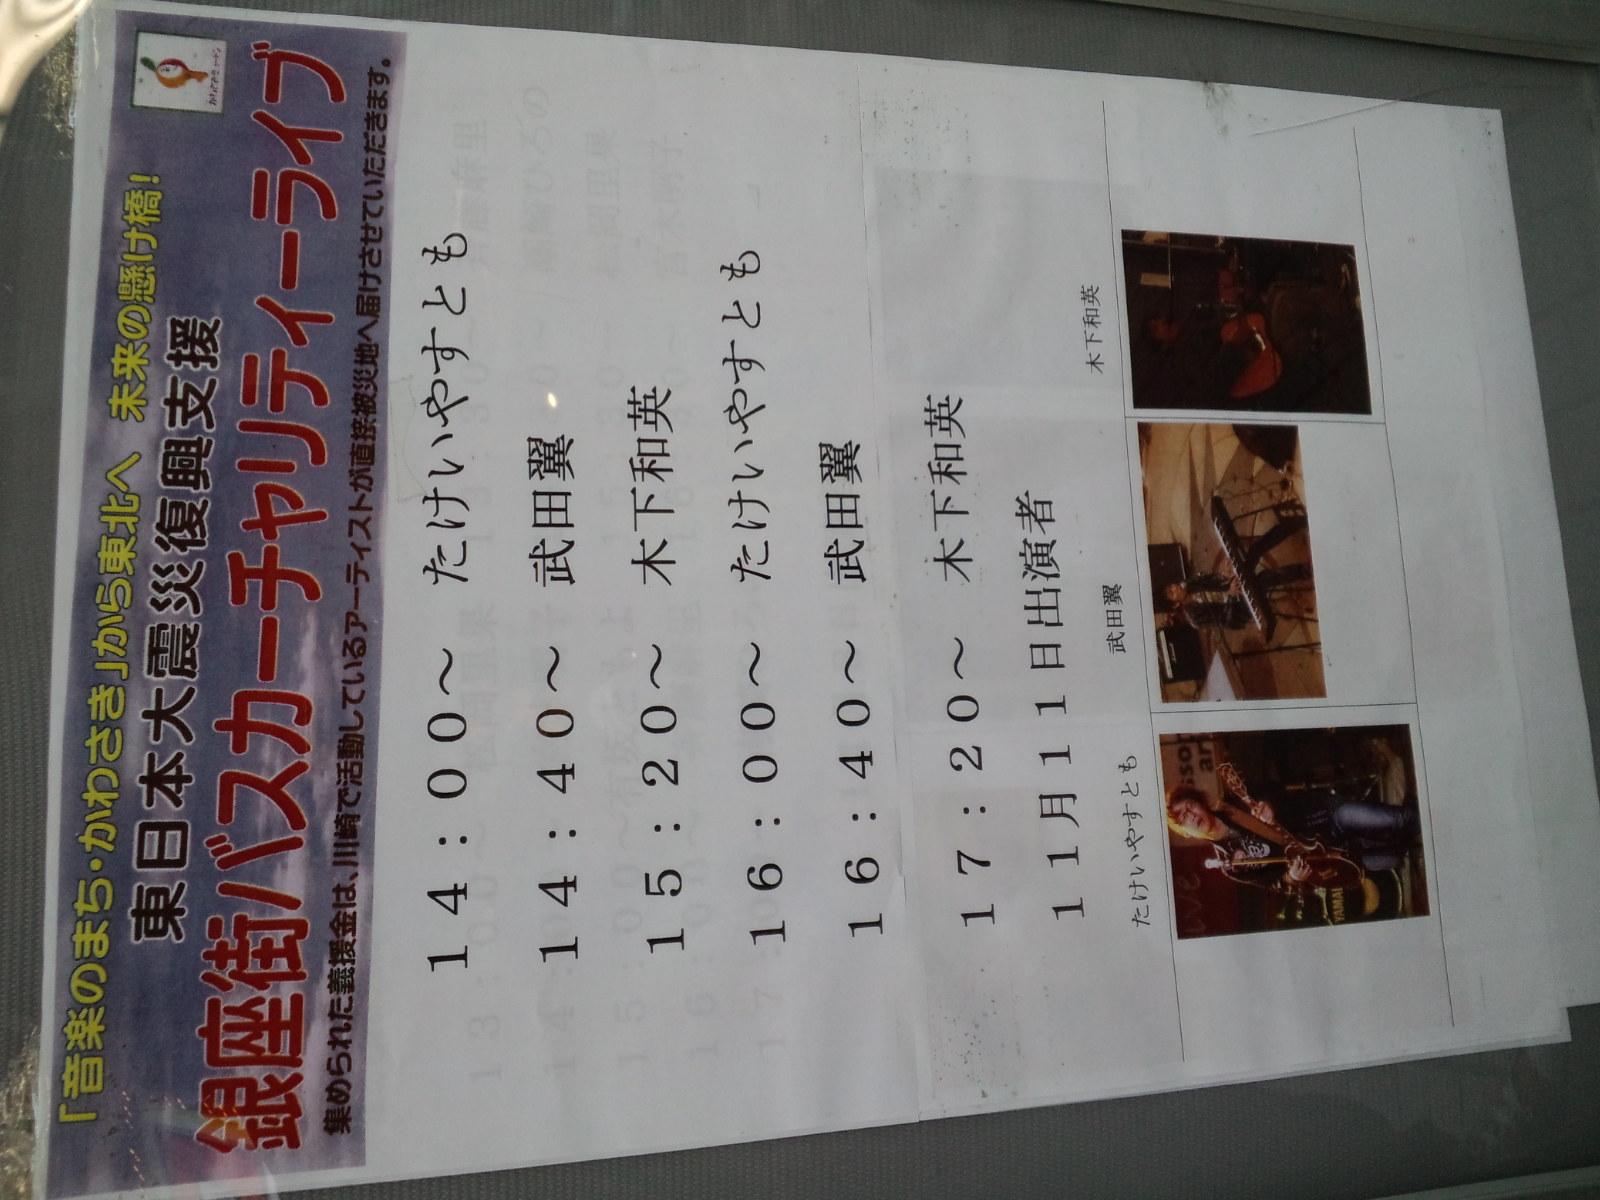 川崎銀座街順番